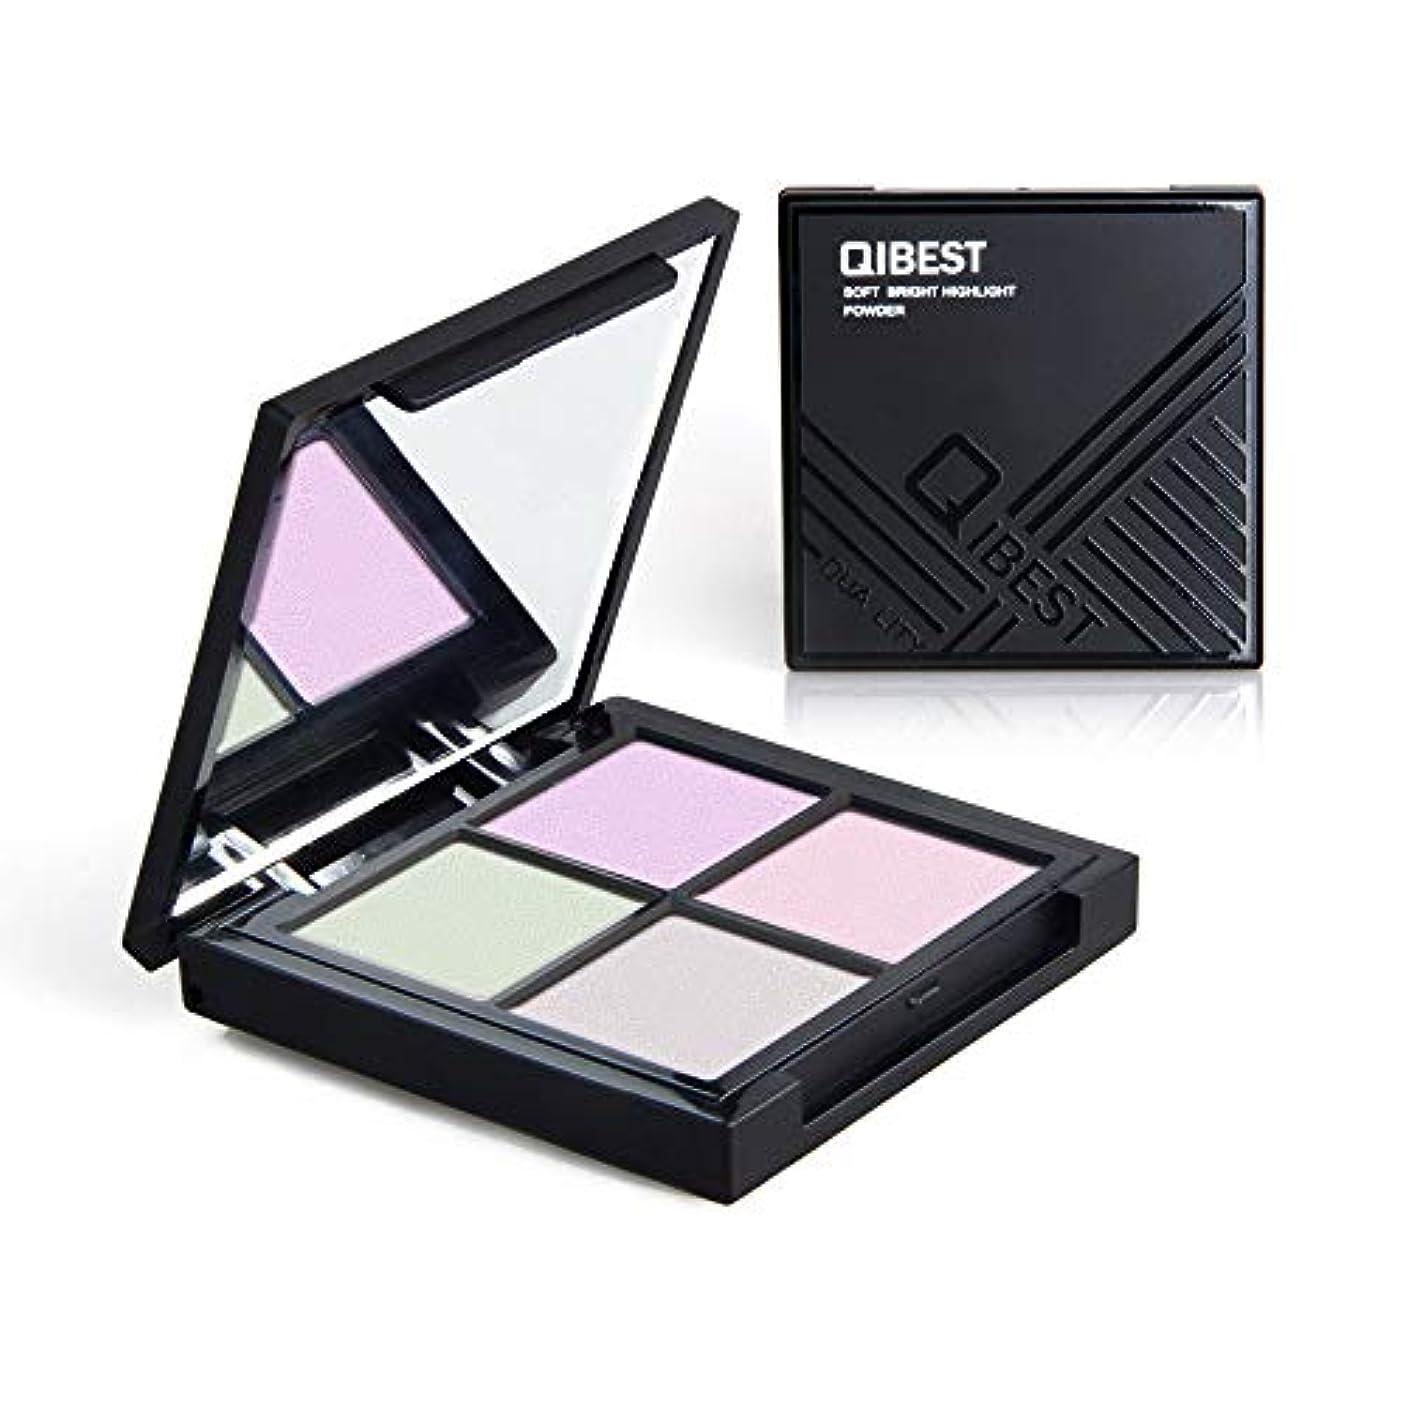 奨励しますスポット巻き取りAkane アイシャドウパレット QIBEST 魅力的 可愛い 人気 気質的 チャーム 防水 長持ち おしゃれ 綺麗 ハイライト キラキラ 持ち便利 Eye Shadow (4色) F18018